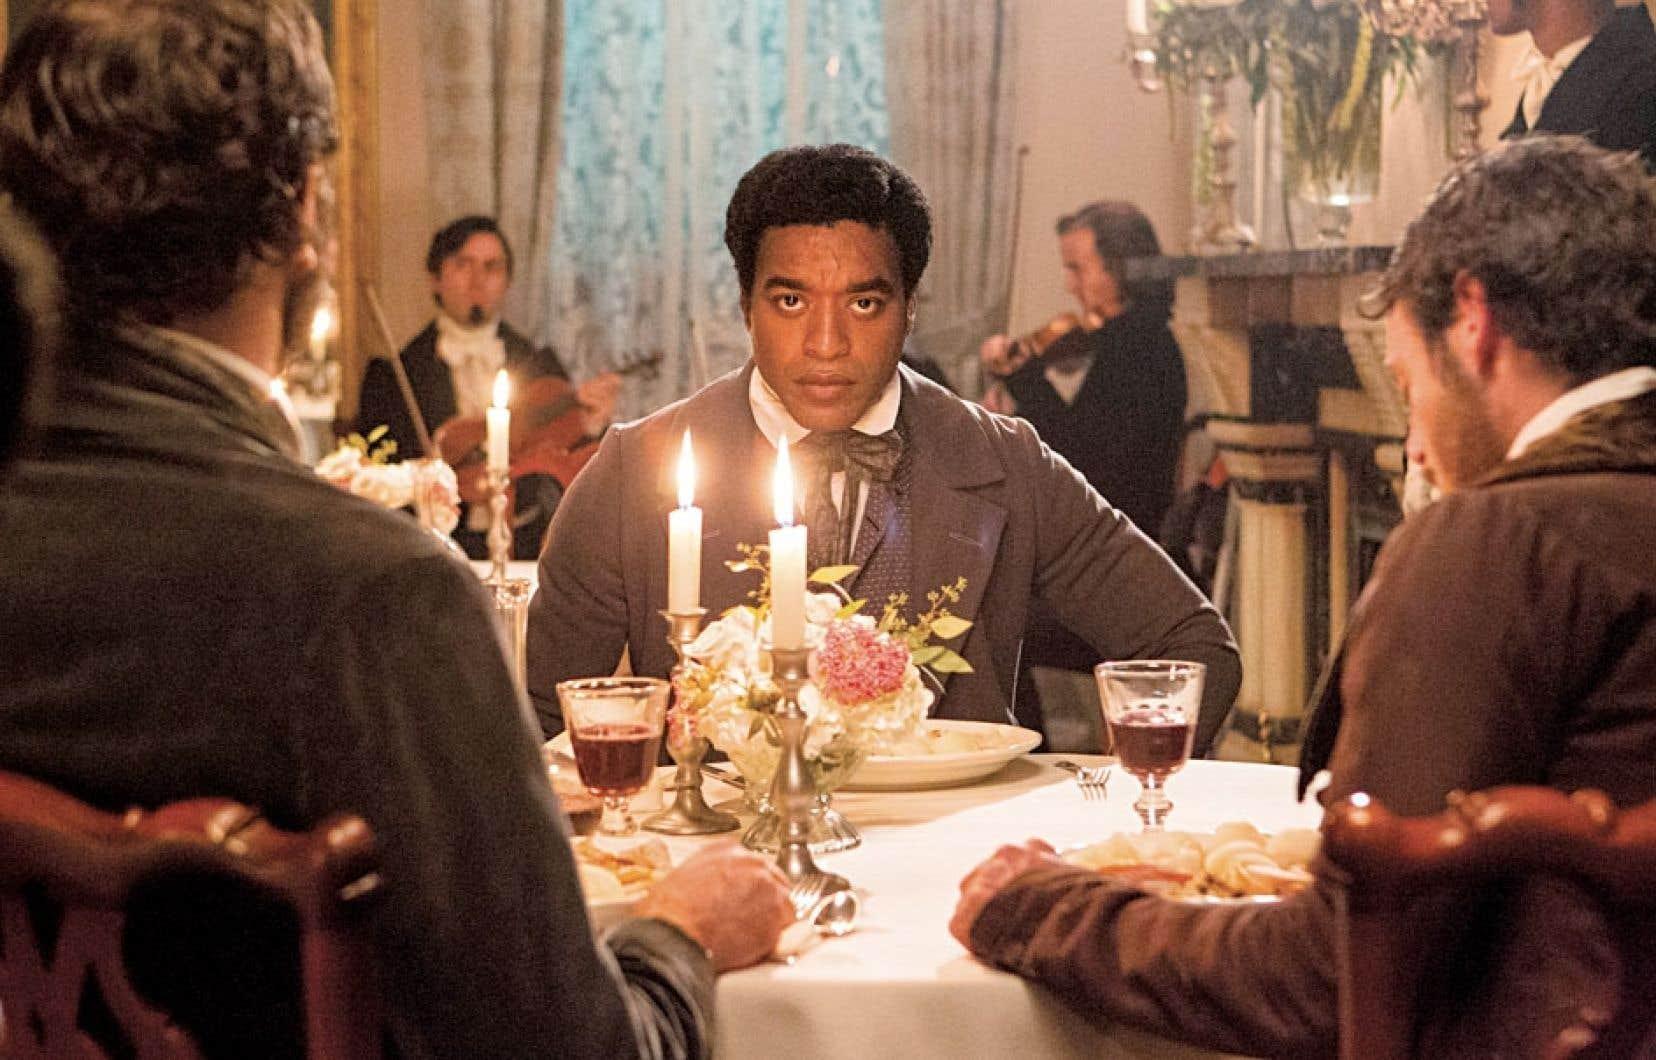 Chiwetel Ejiofor tient sans doute déjà l'Oscar d'interprétation entre ses mains pour ce rôle d'un musicien noir de Saratoga vendu comme esclave au Sud esclavagiste.